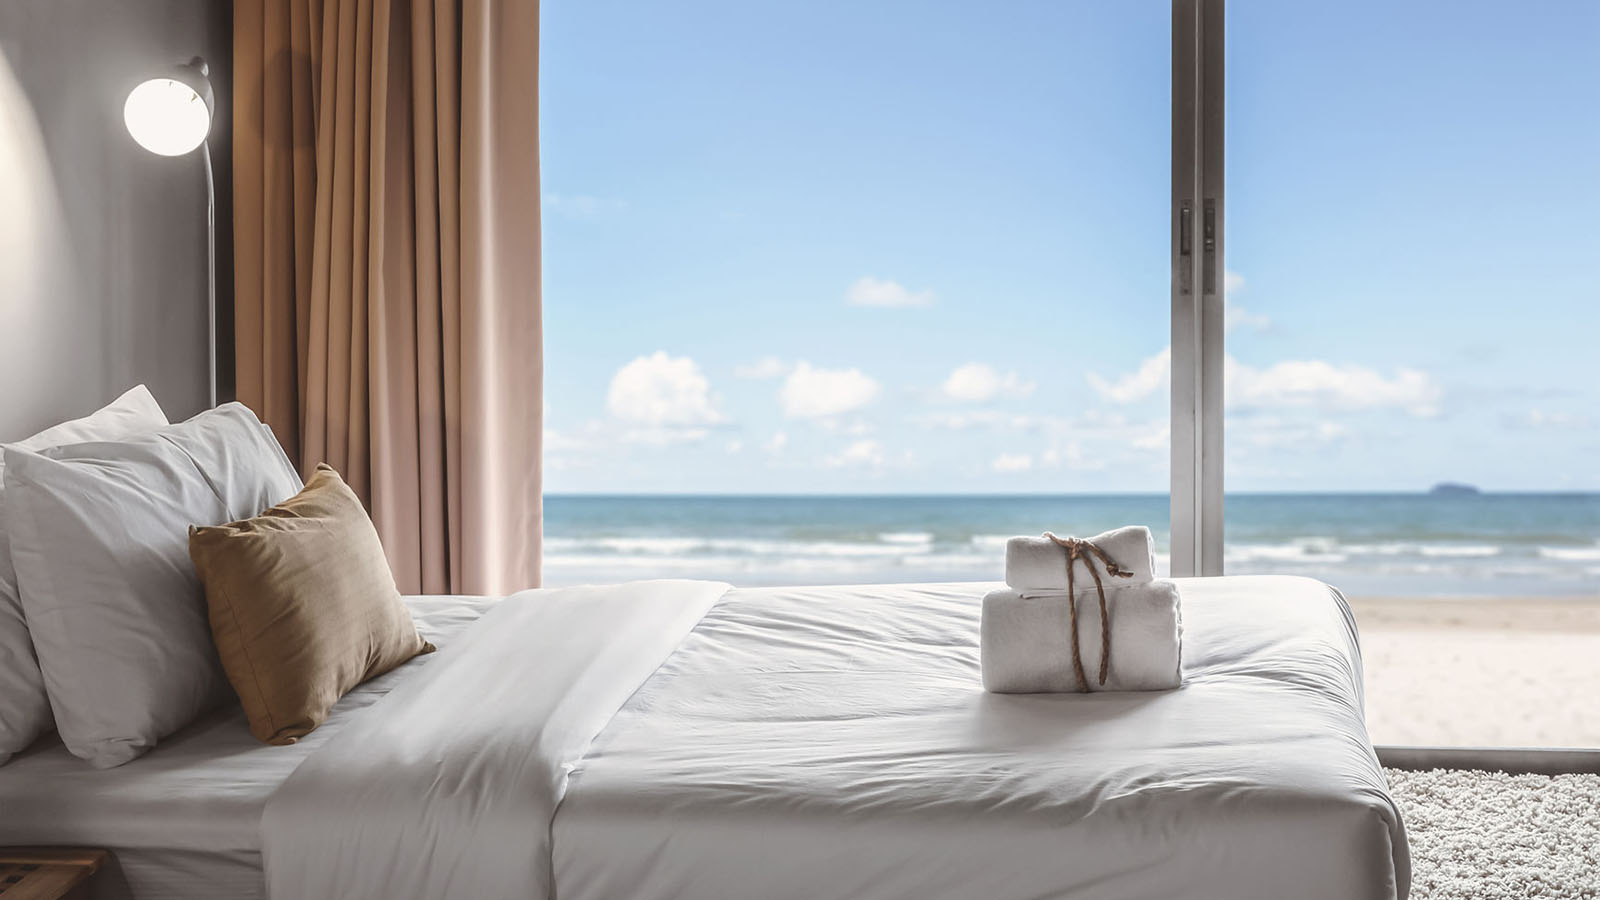 hotel-bord-de-mer-vendee-hebergement-piscine